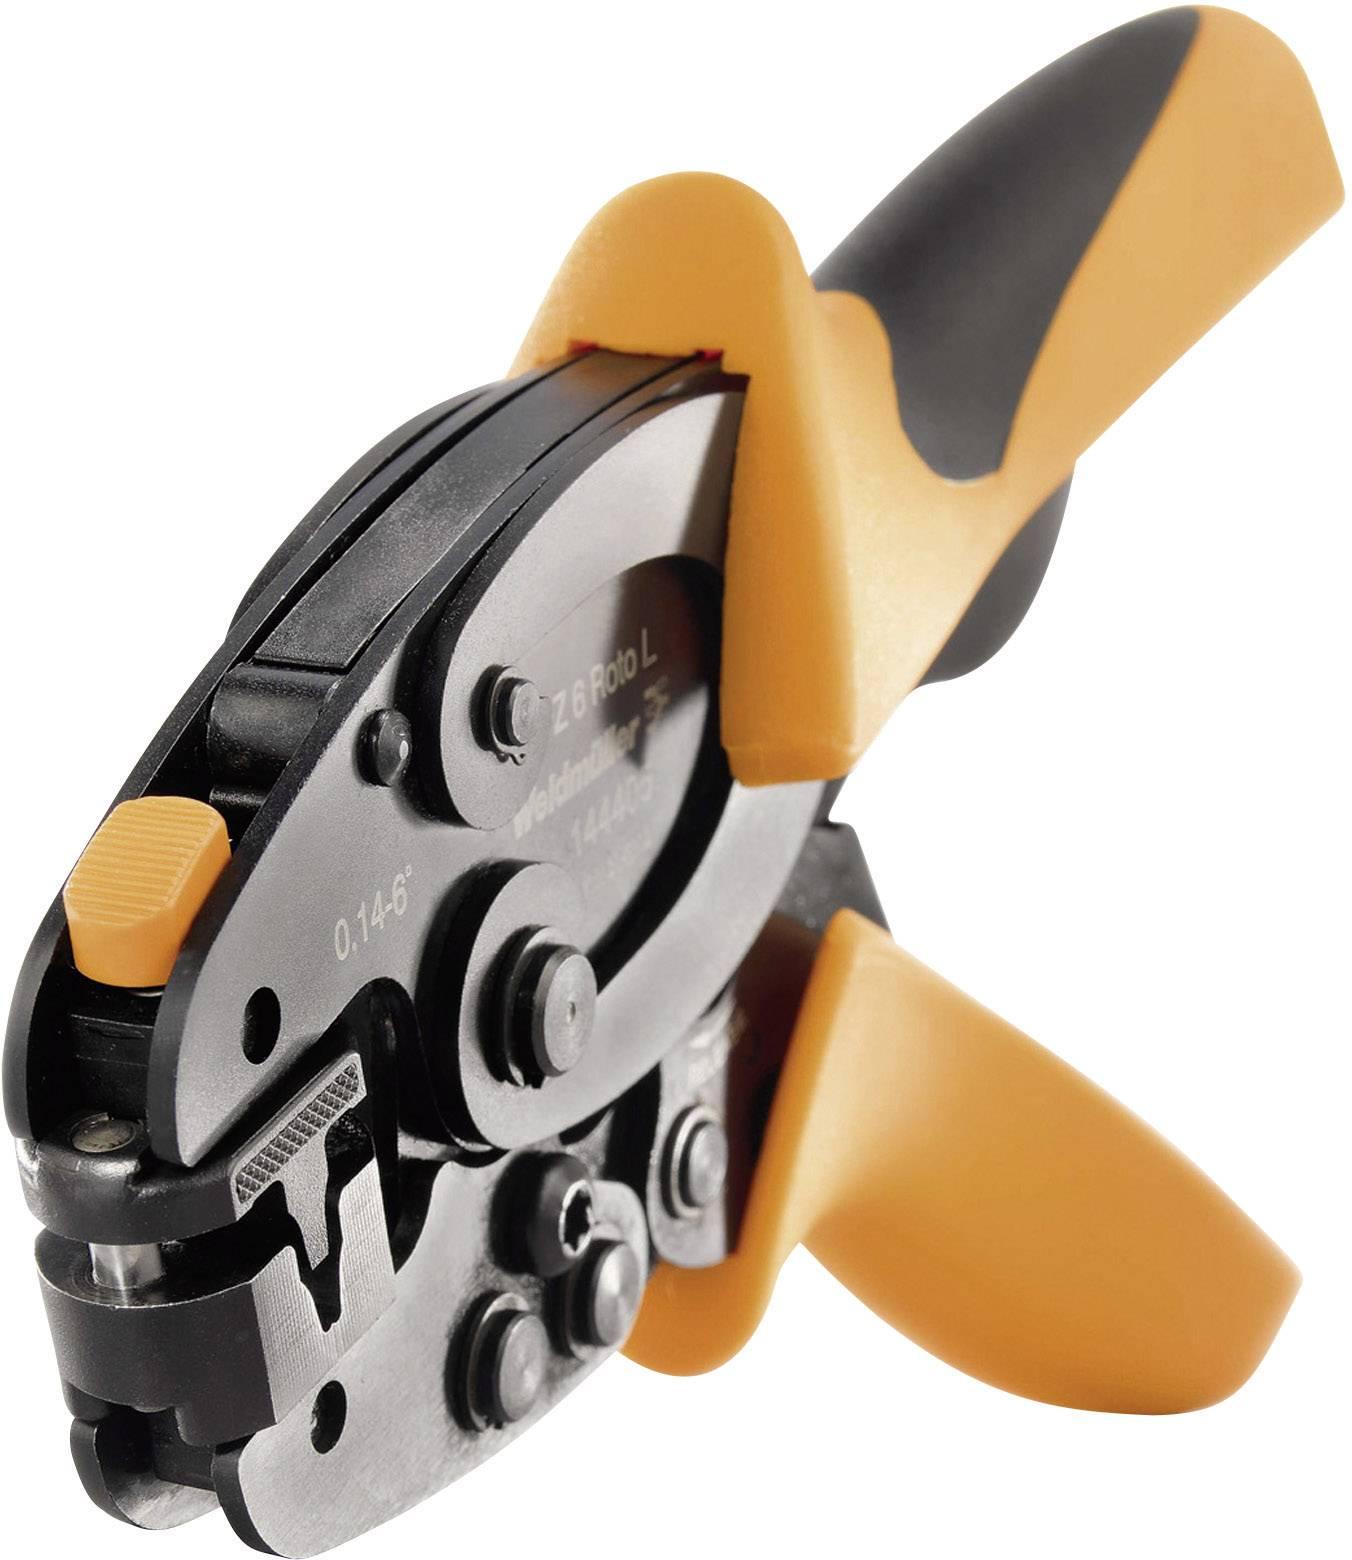 Krimpovací kleště 0,14 mm² / 6 mm² Weidmüller PZ 6 Roto L (1444050000), černá/oranžová